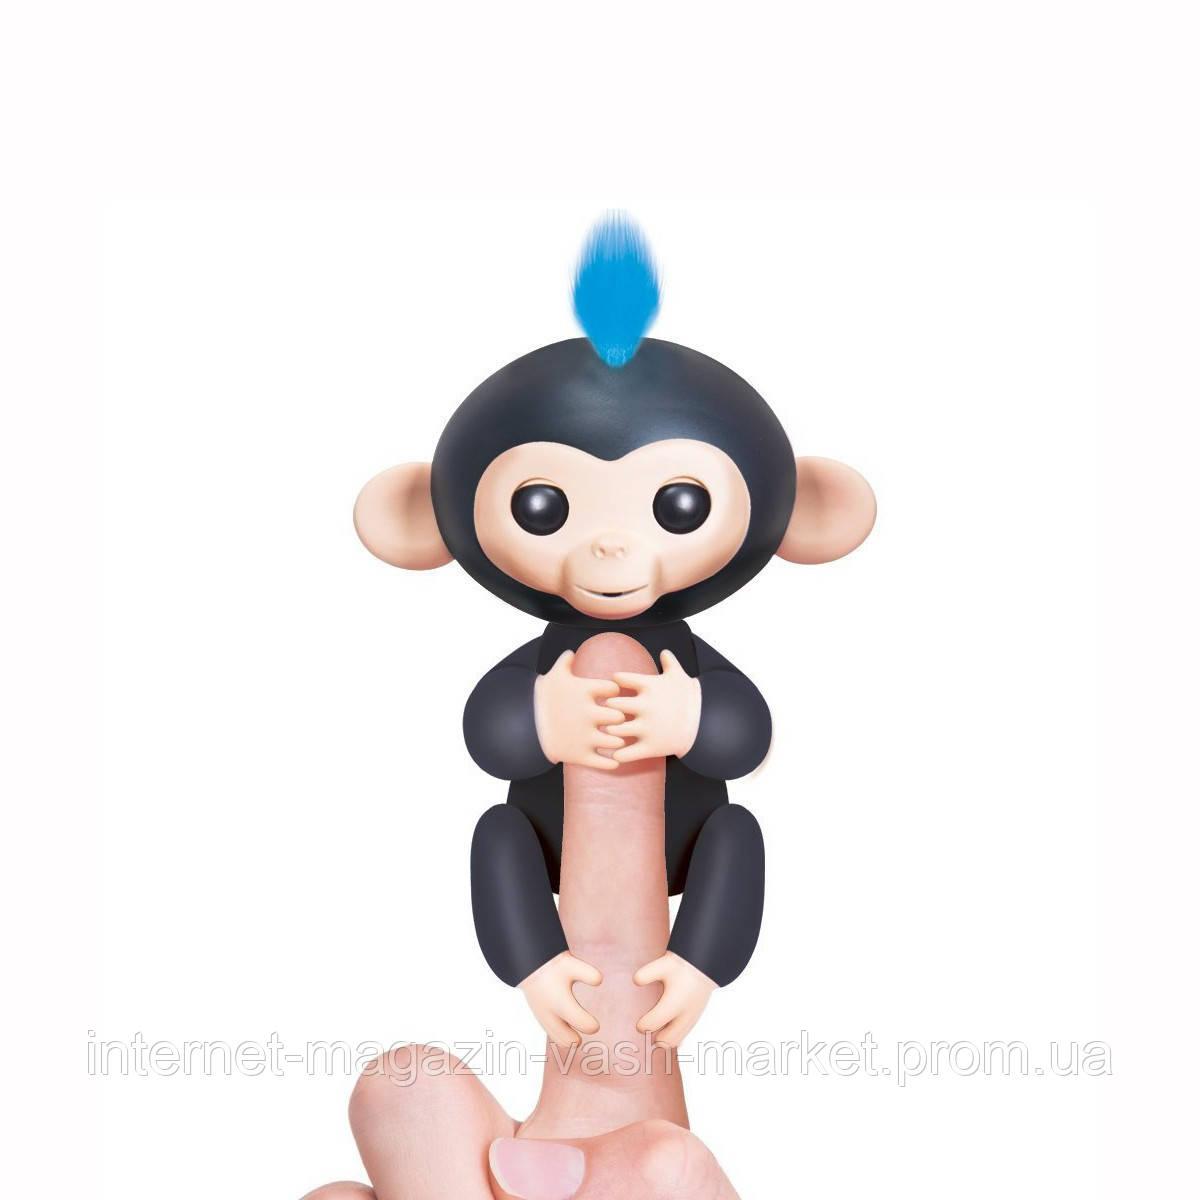 Интерактивная игрушка - обезьянка Fingerlings Monkey, Полный набор функций!